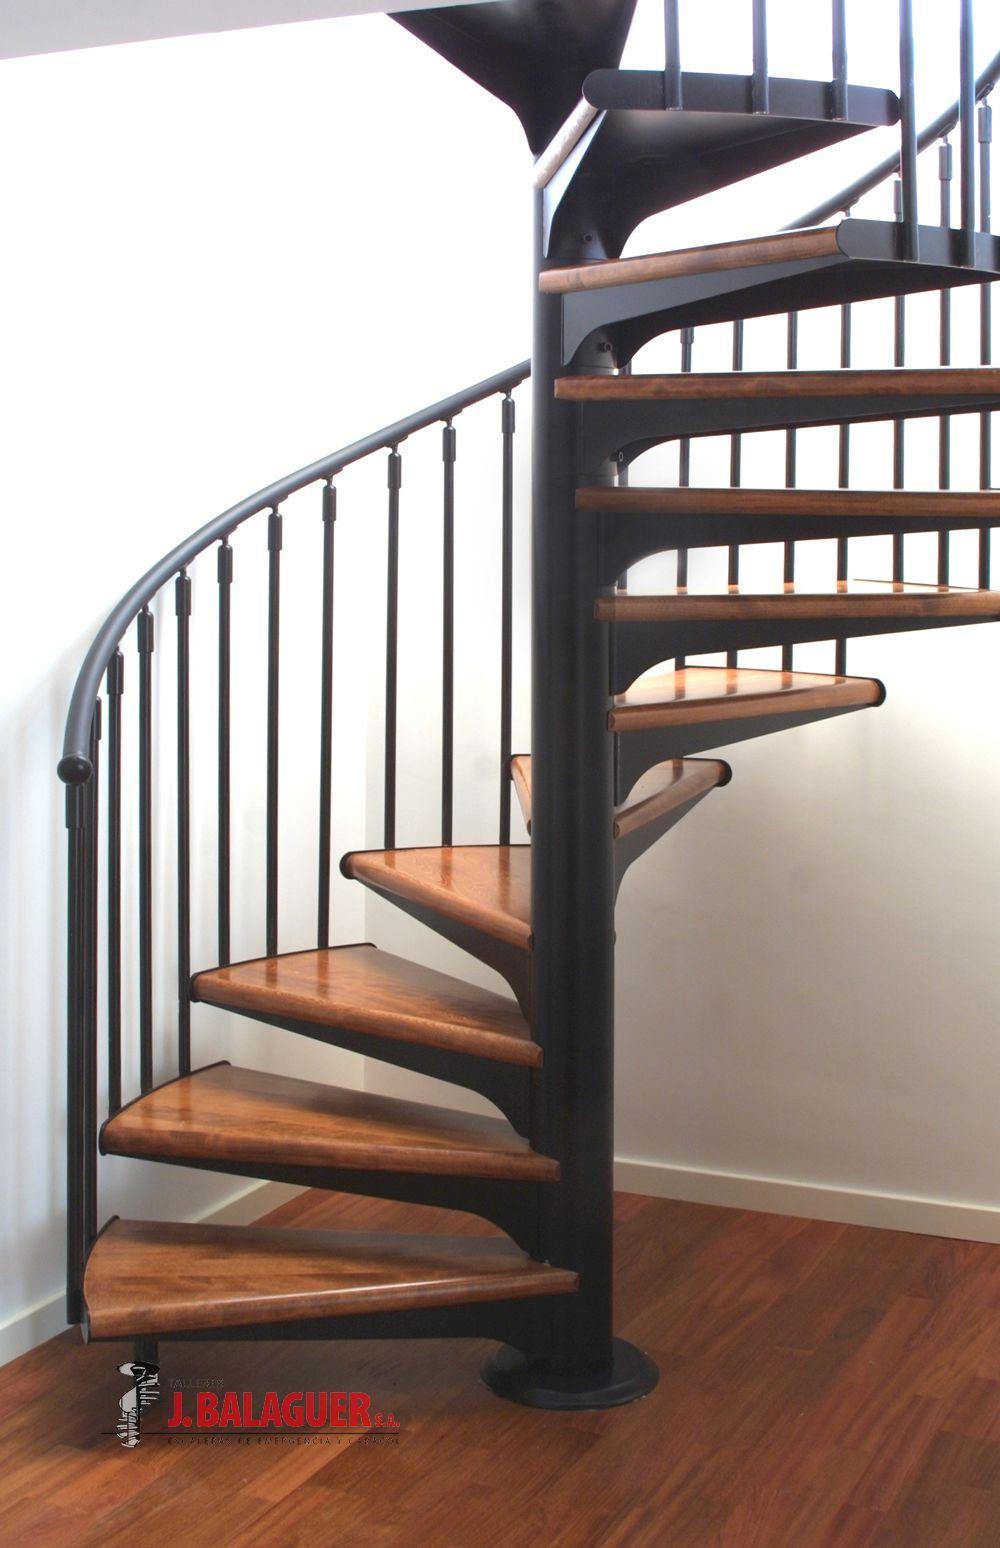 Colecci N De Escaleras De Caracol Escaleras Balaguer ~ Precios De Escaleras De Caracol